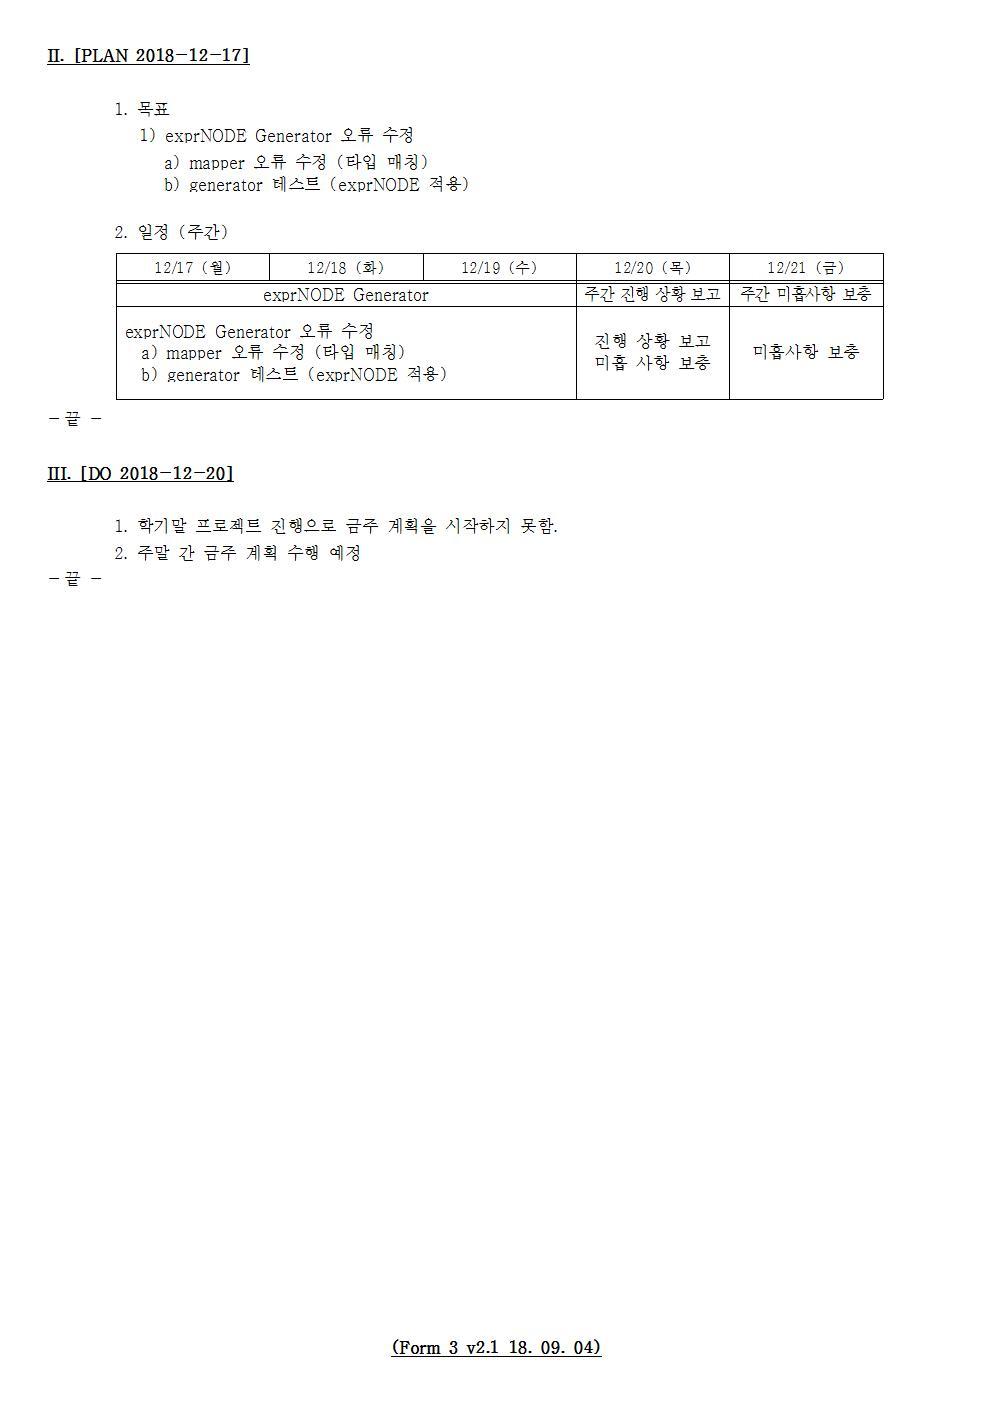 D-[18-003-RD-03]-[SRRE]-[2018-12-20][JS]002.jpg